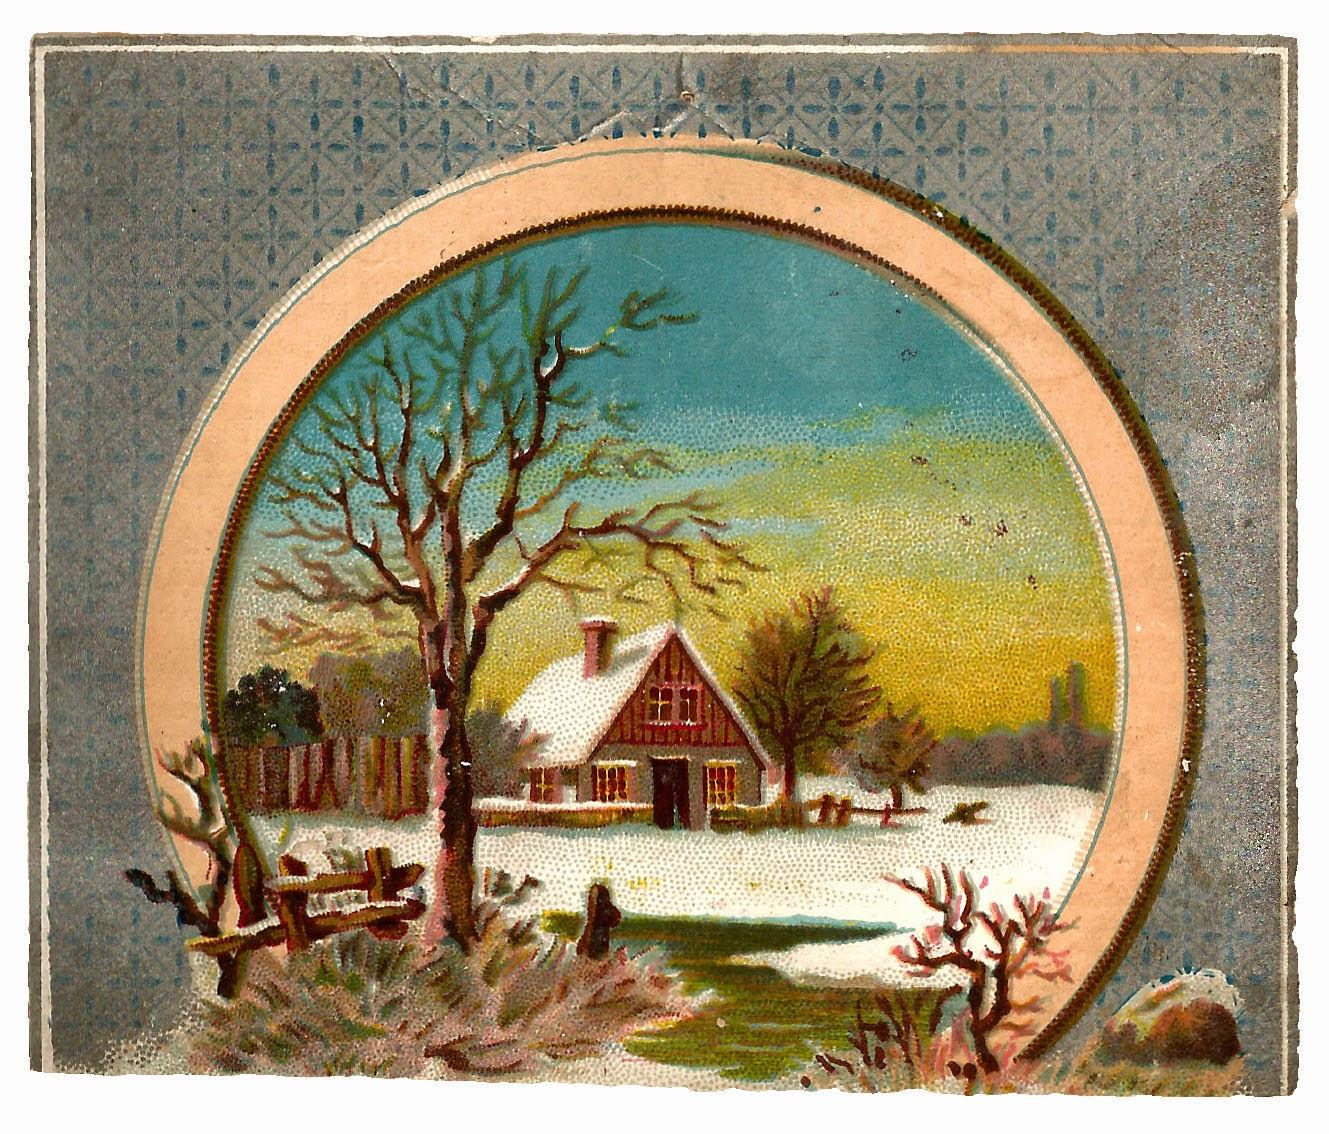 http://1.bp.blogspot.com/-88hY4QM4myE/VLgpf04h6RI/AAAAAAAAVG4/D2t3Mo2gS7s/s1600/circle_frame_winter_scene-2.jpg